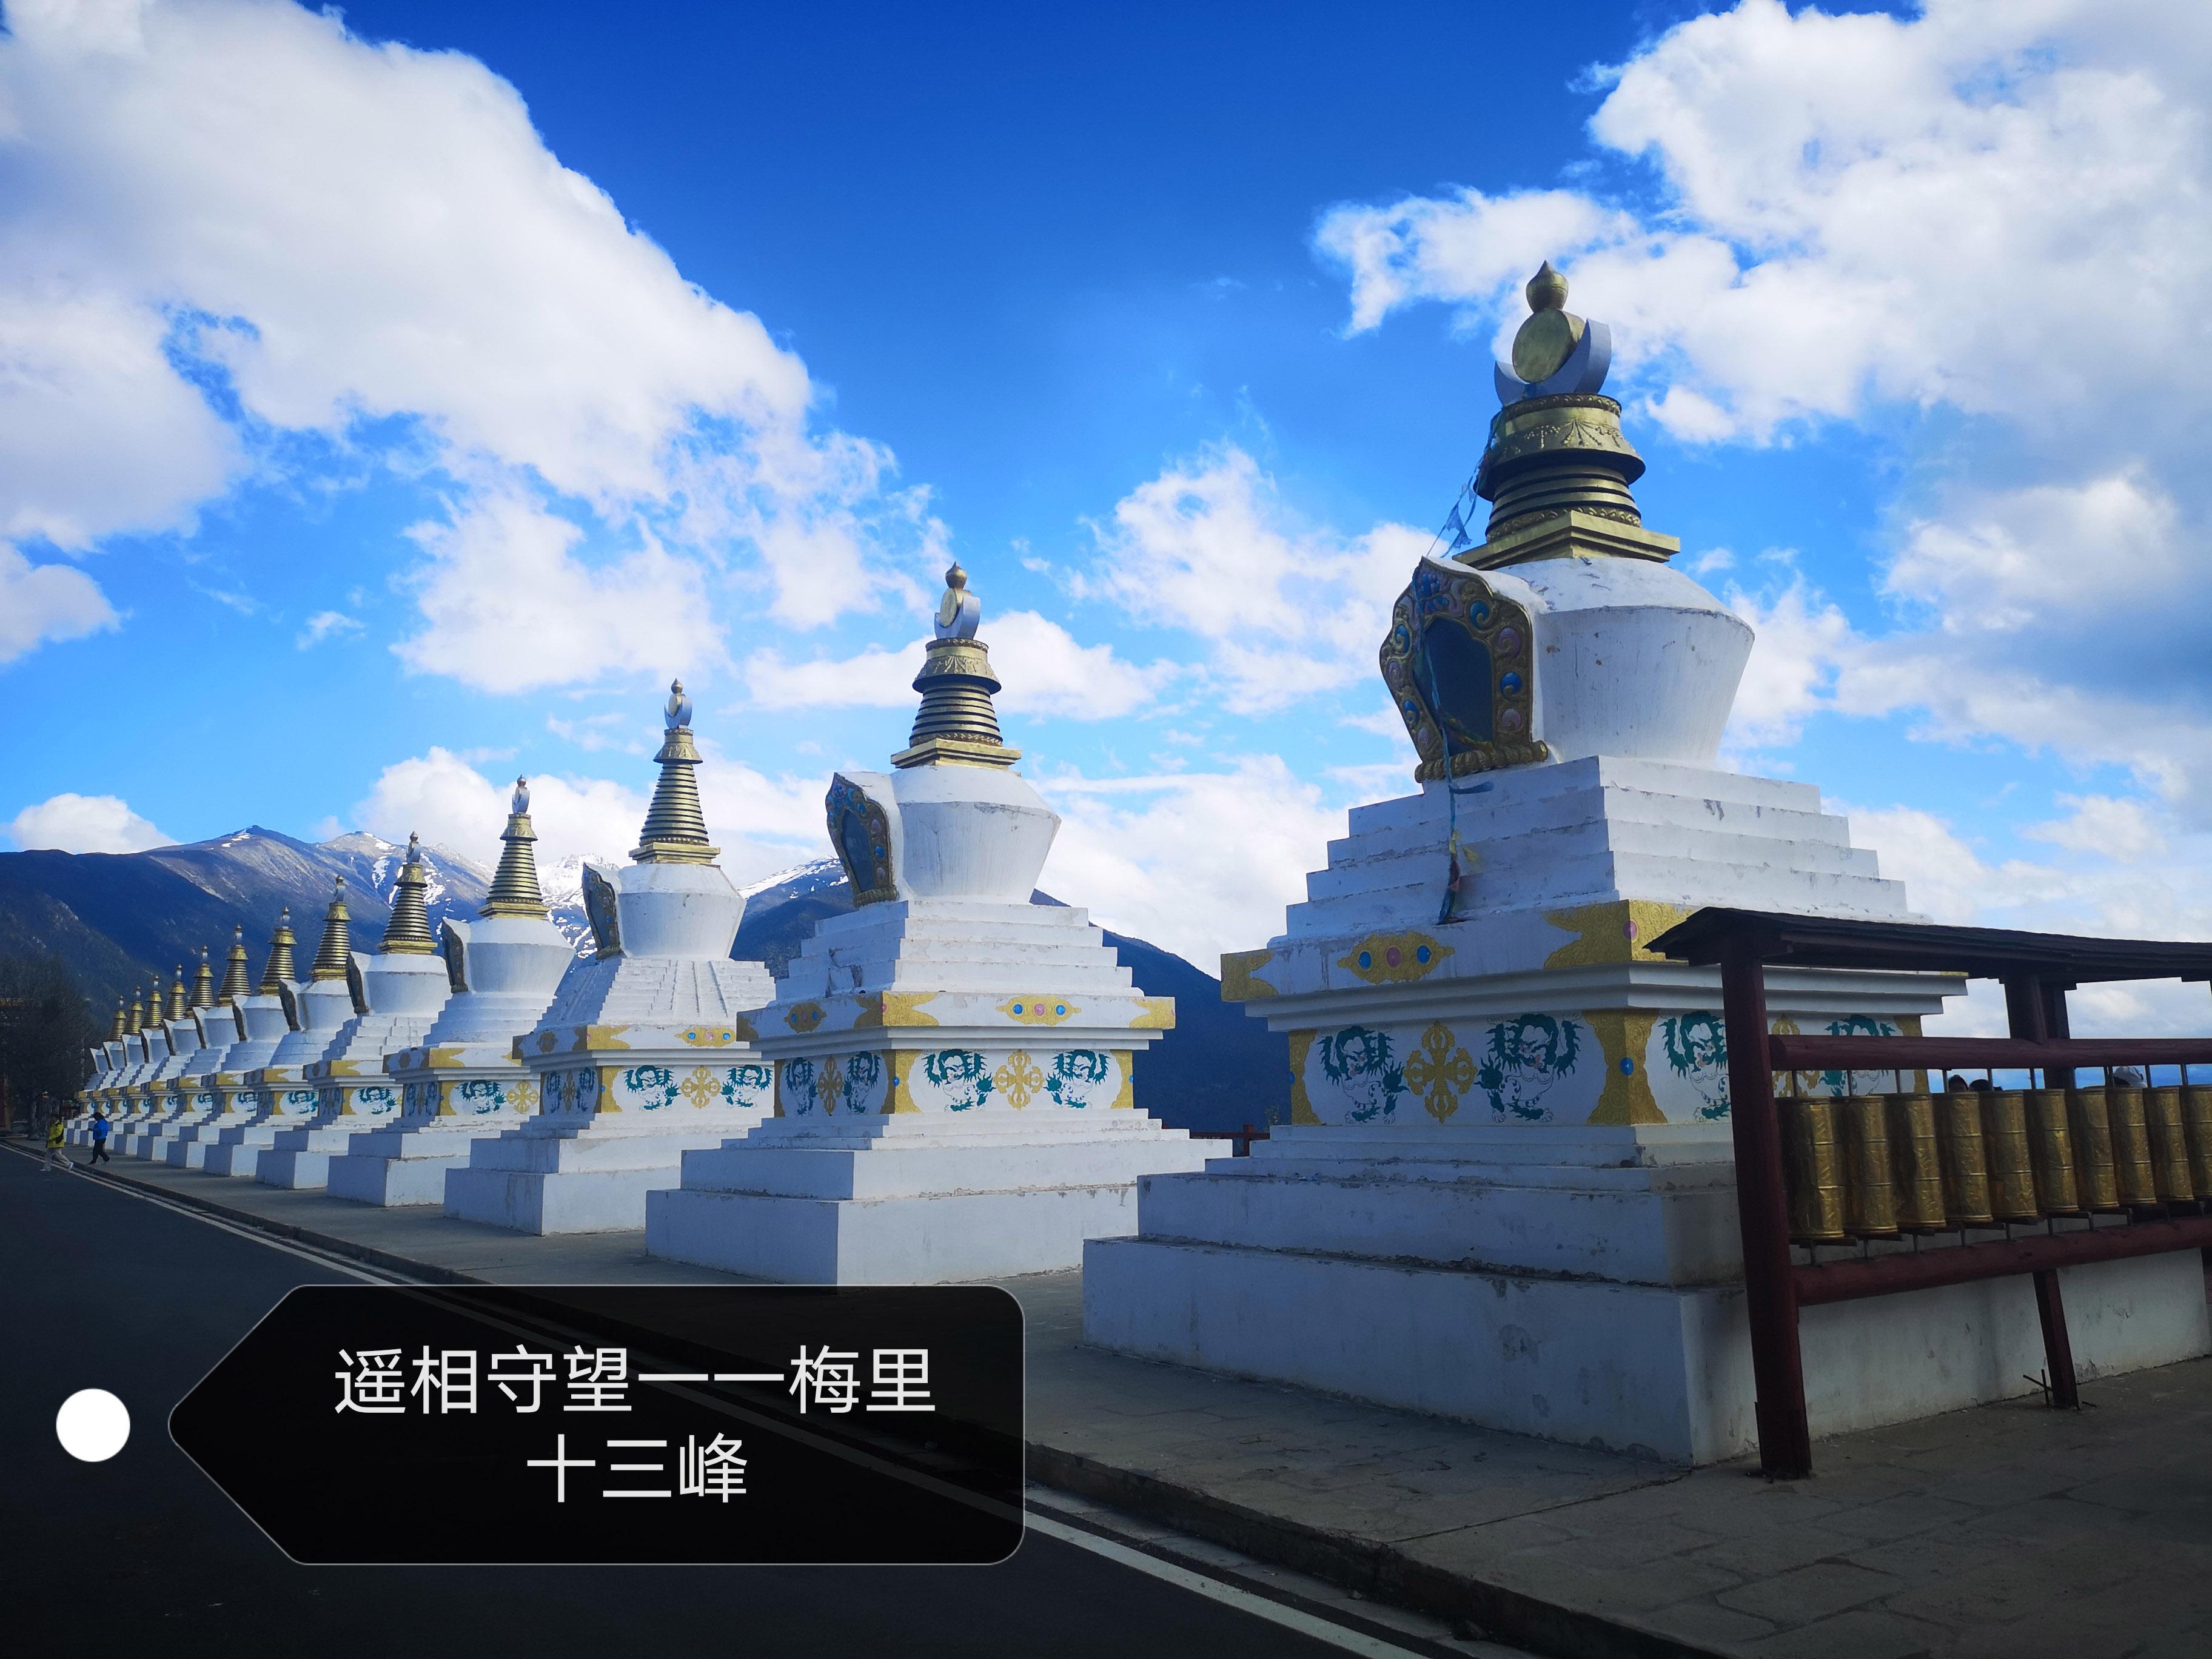 20579年318国道川藏线+滇藏线+拉萨行程